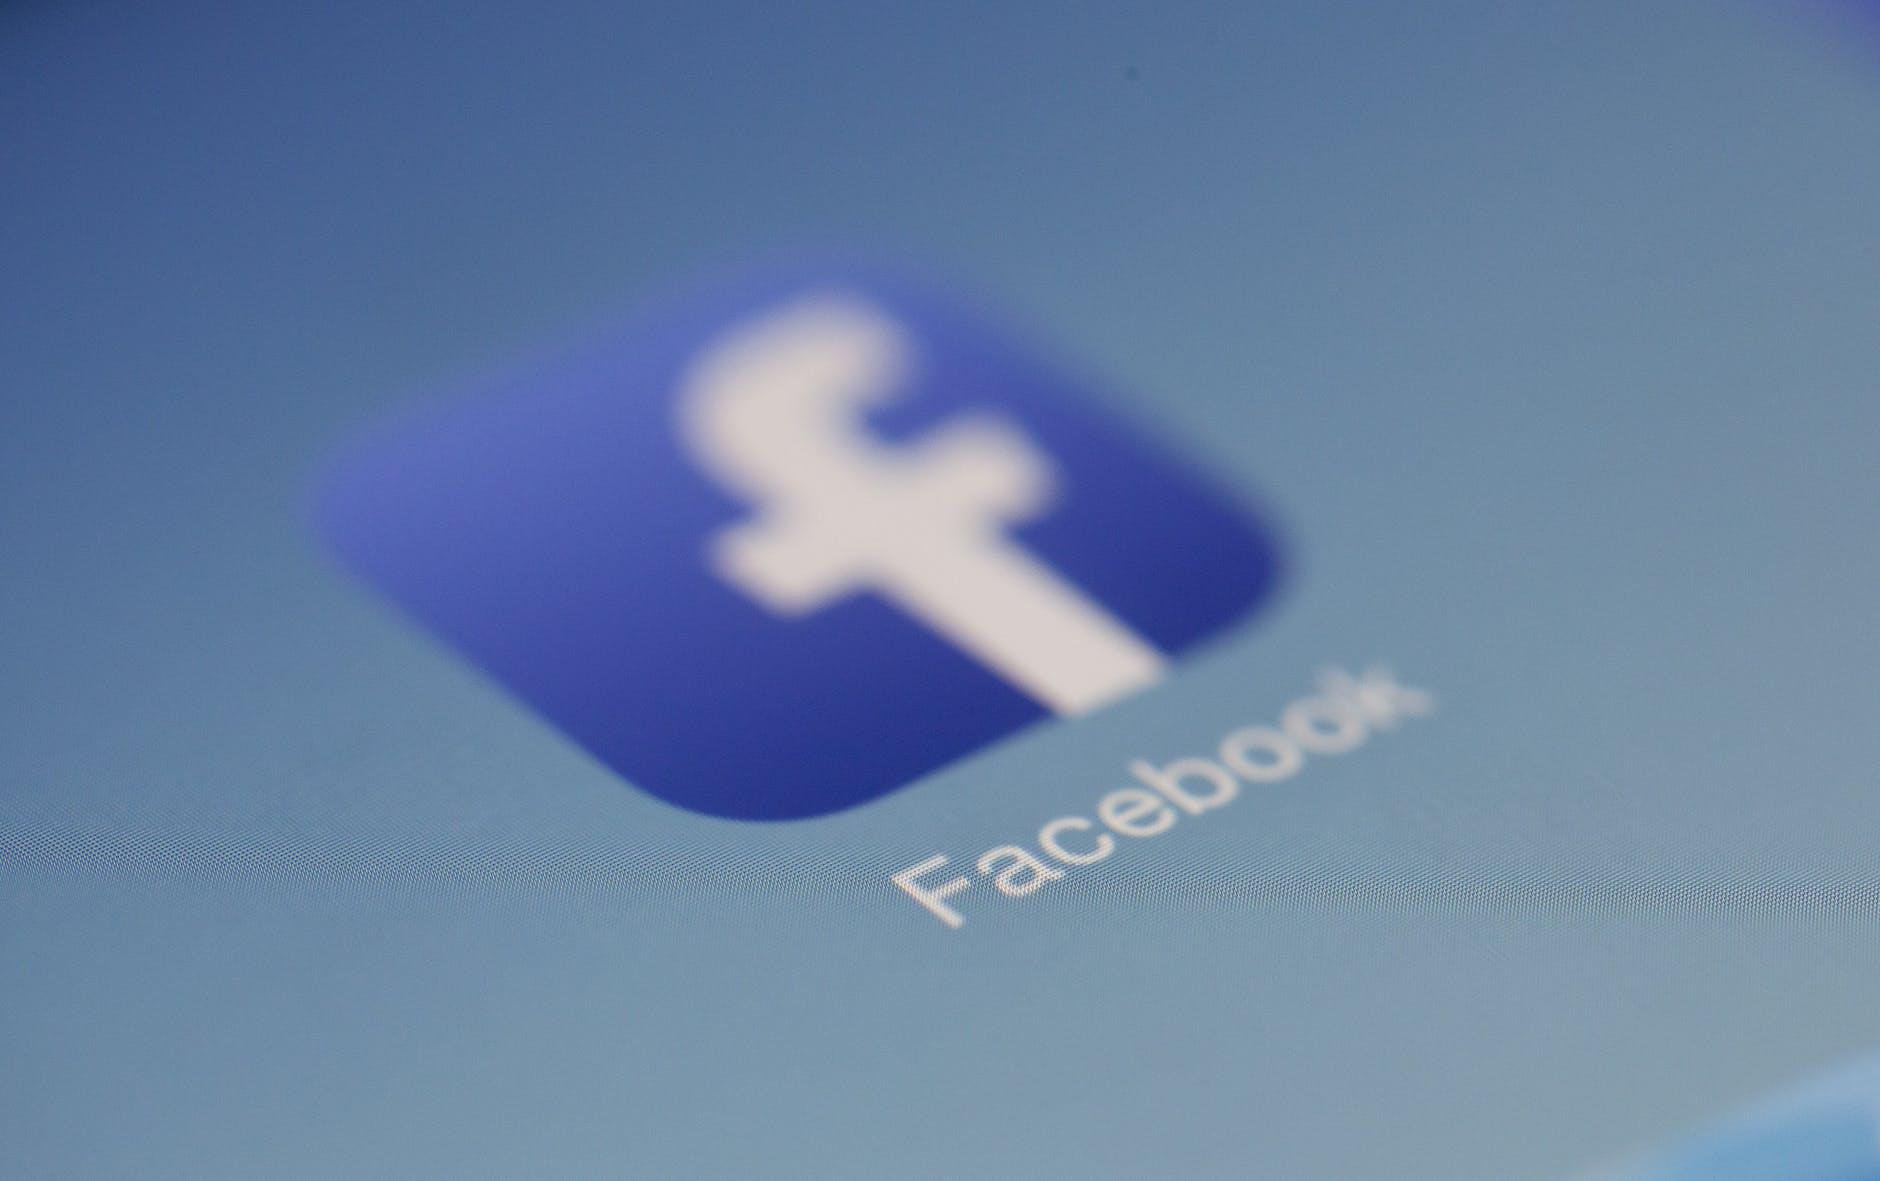 Дезинформации – бой: Facebook и Twitter анонсировали новые правила для размещения политической рекламы